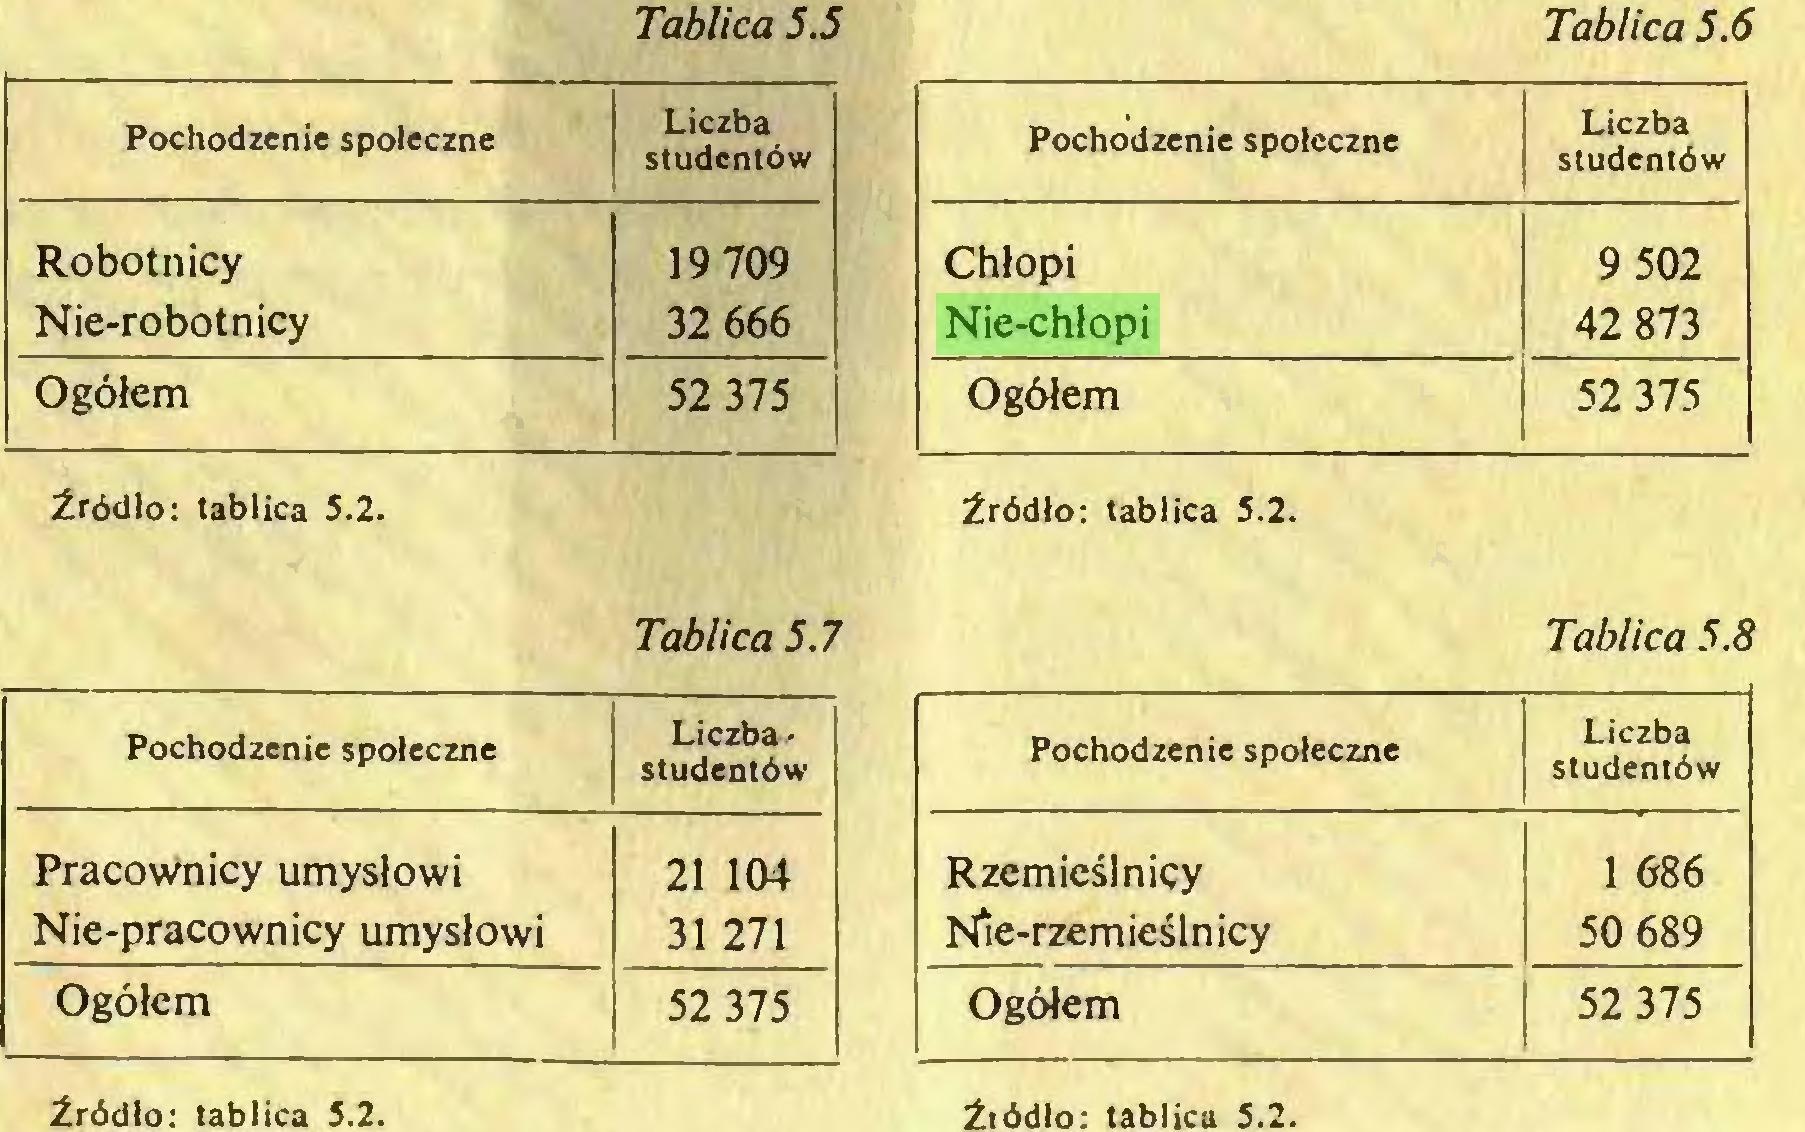 (...) Źródło: tablica S.2. Tablica 5.6 Pochodzenie społeczne Liczba studentów Chłopi 9 502 Nie-chłopi 42 873 Ogółem 52 375 Źródło: tablica 5.2...